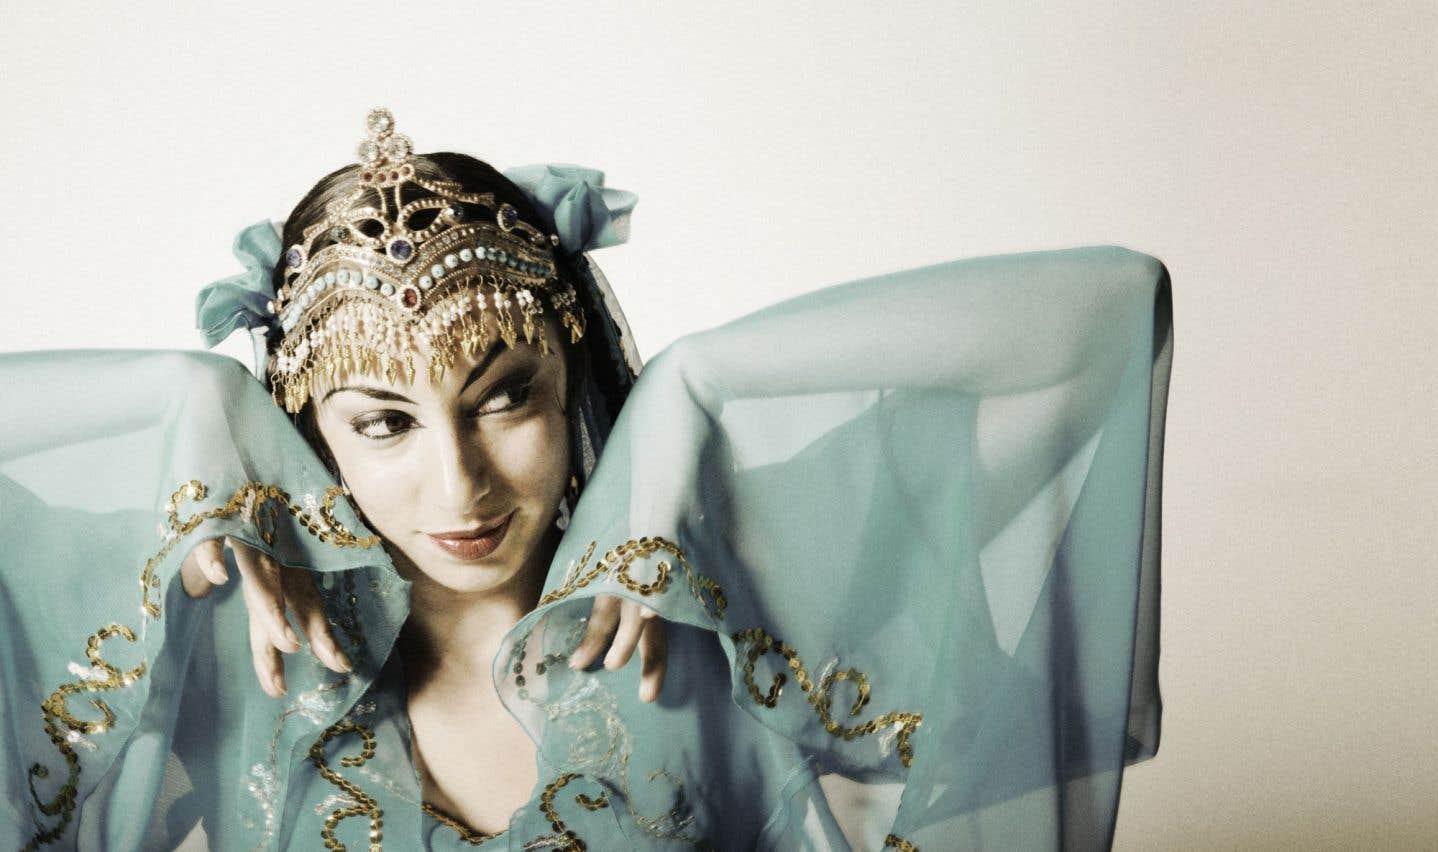 Miriam Peretz, une danseuse-chorégraphe installée en Californie qui a développé l'art des danses traditionnelles, mystiques et contemporaines en provenance de la Route de la soie.